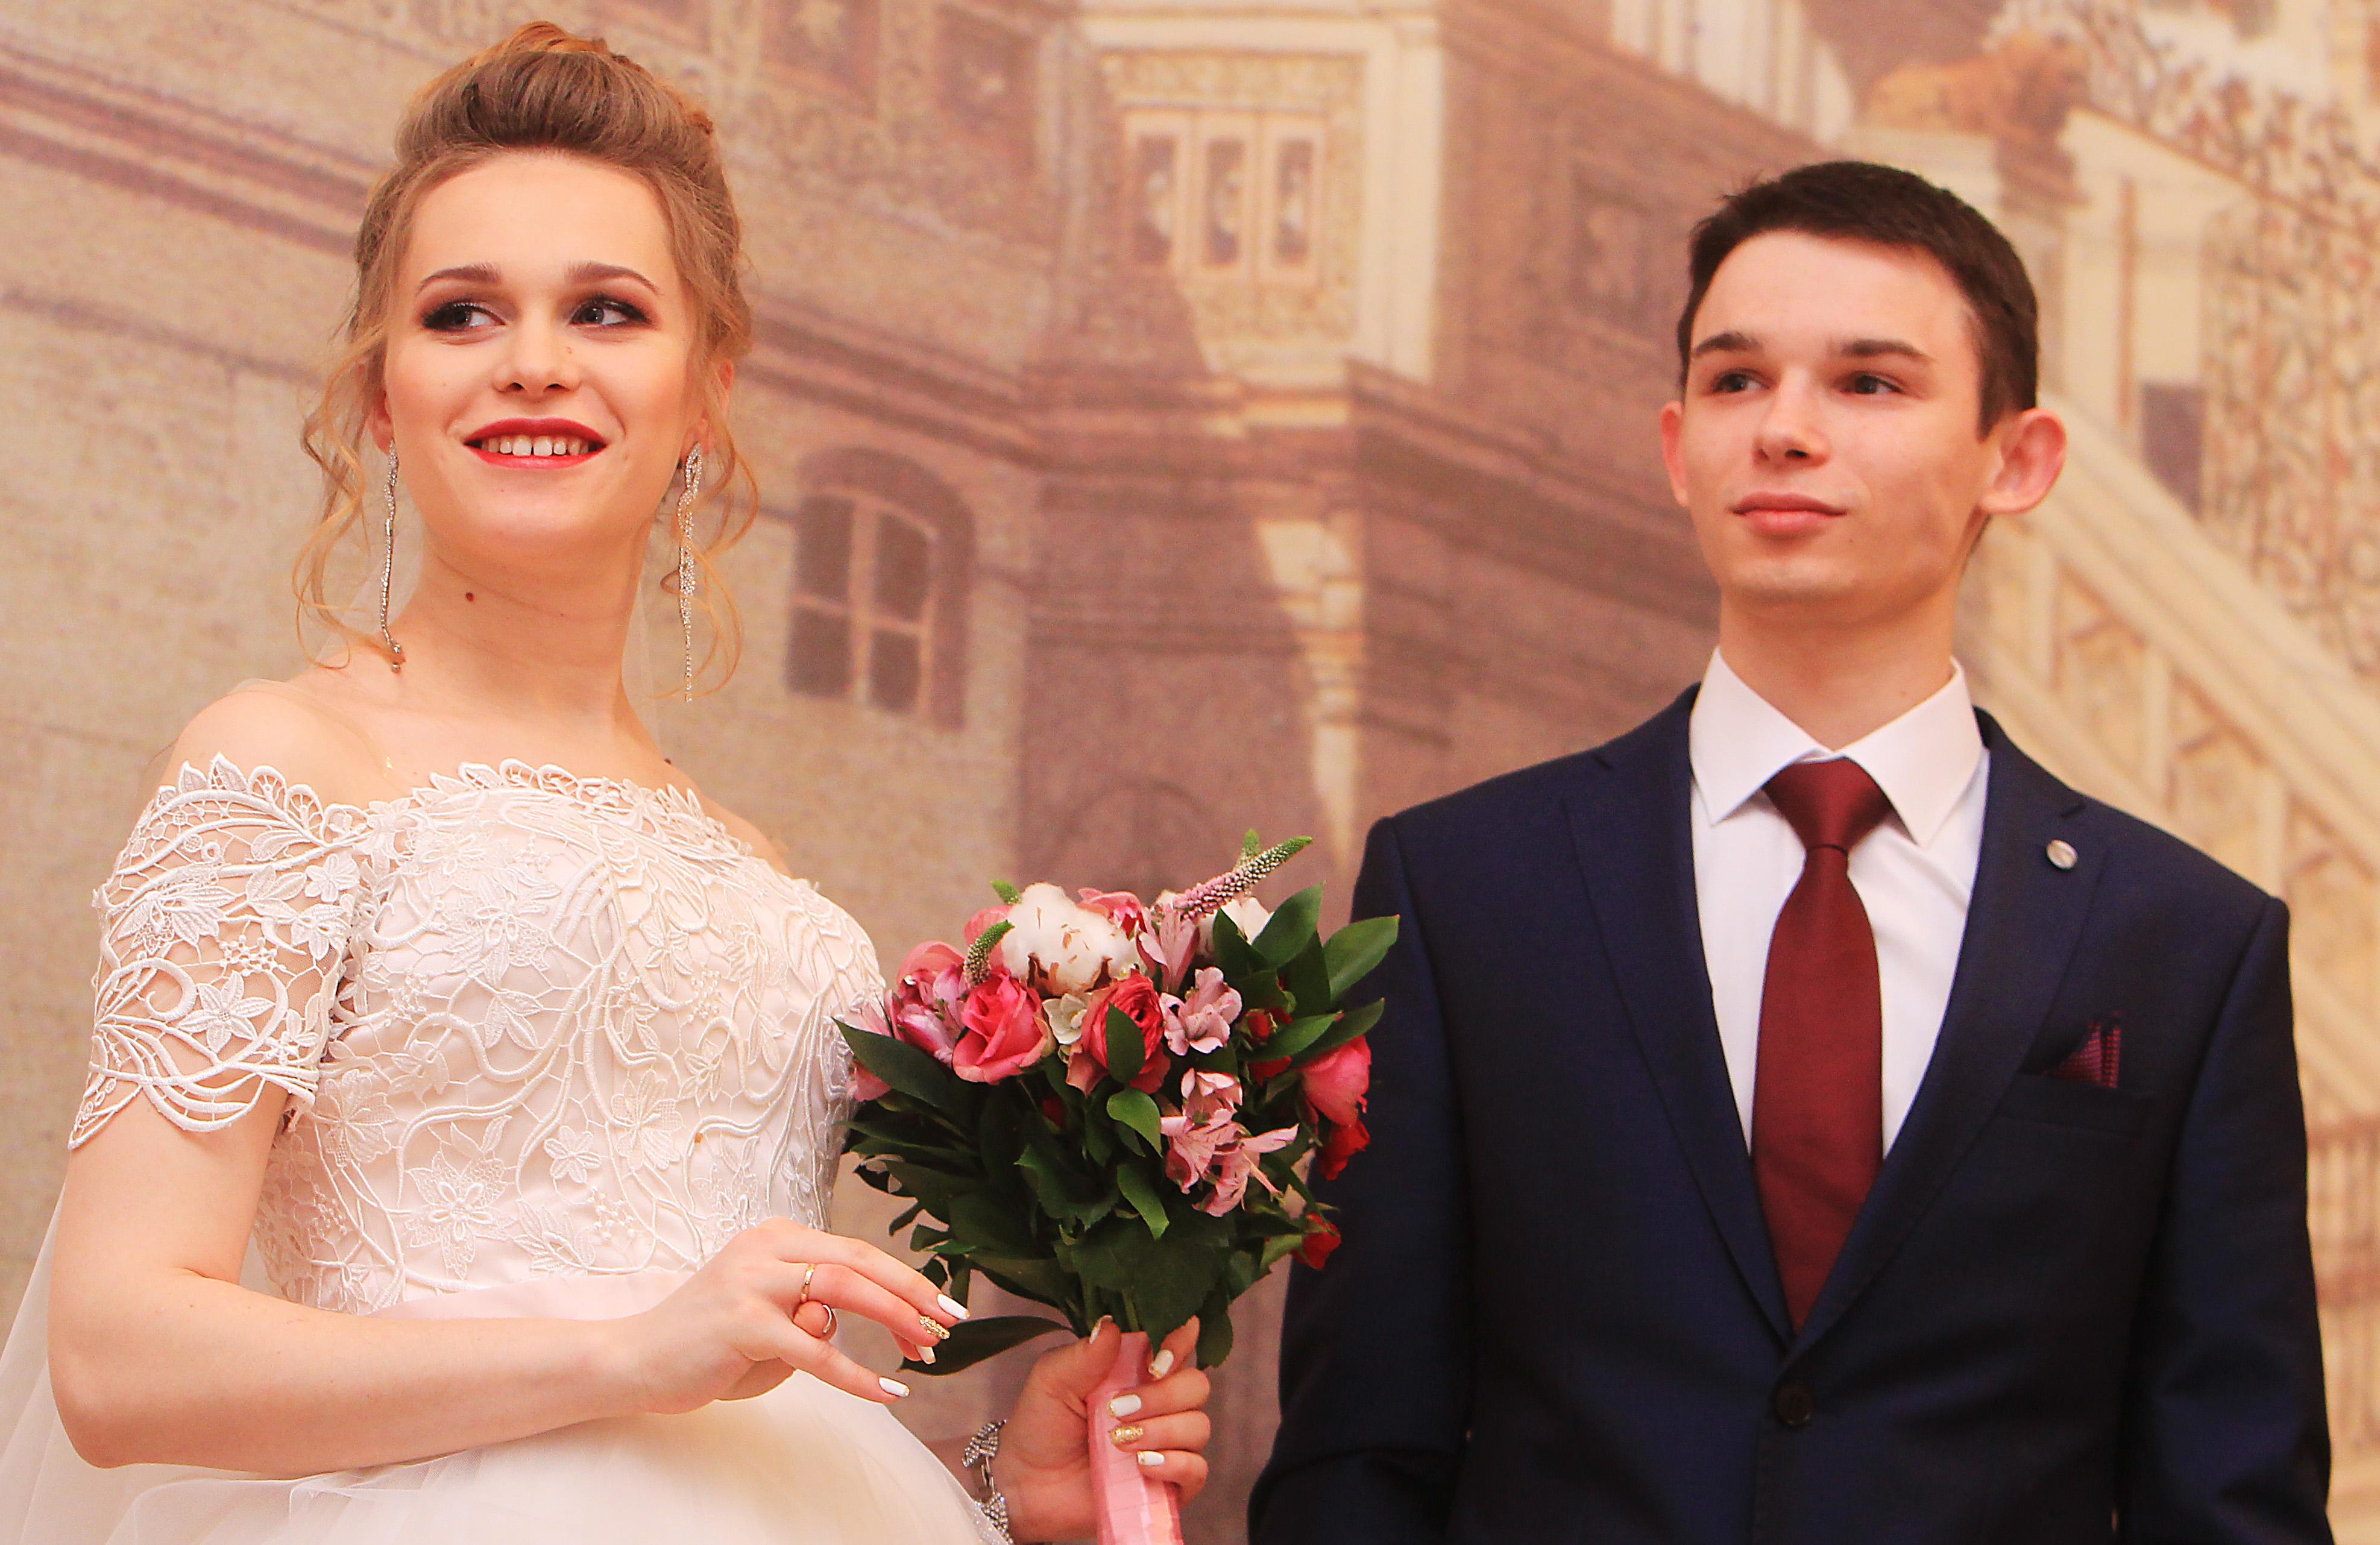 В столичных ЗАГСах в последний день года заключат брак более 470 пар. Фото: архив